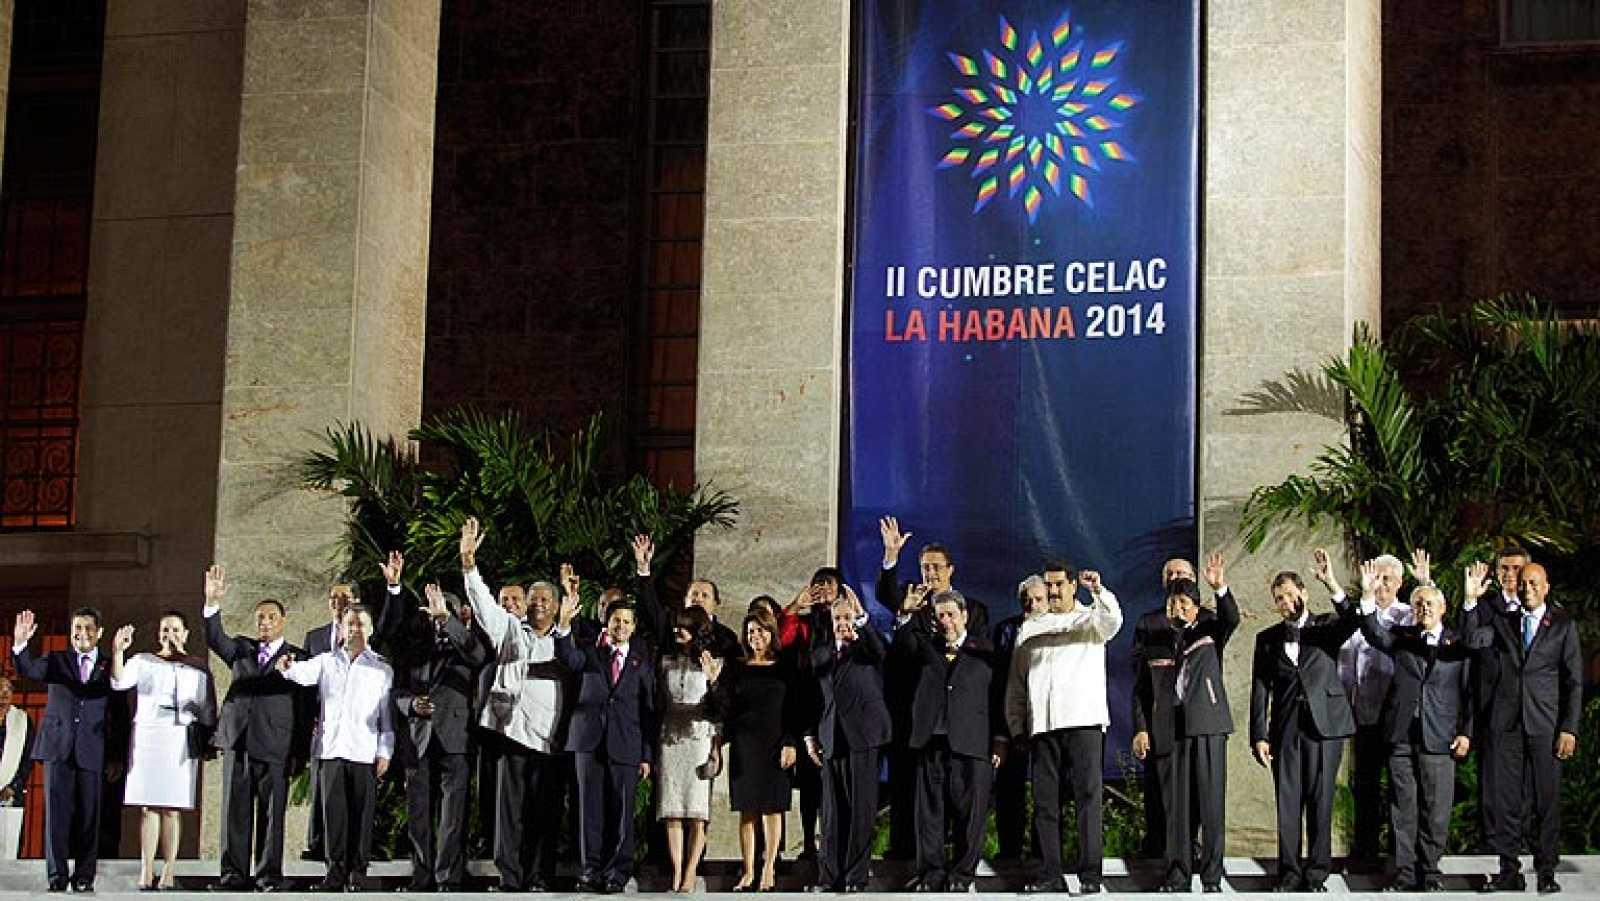 Ban Ki moon pide al gobierno de Cuba que ratifique los tratados sobre derechos humanos